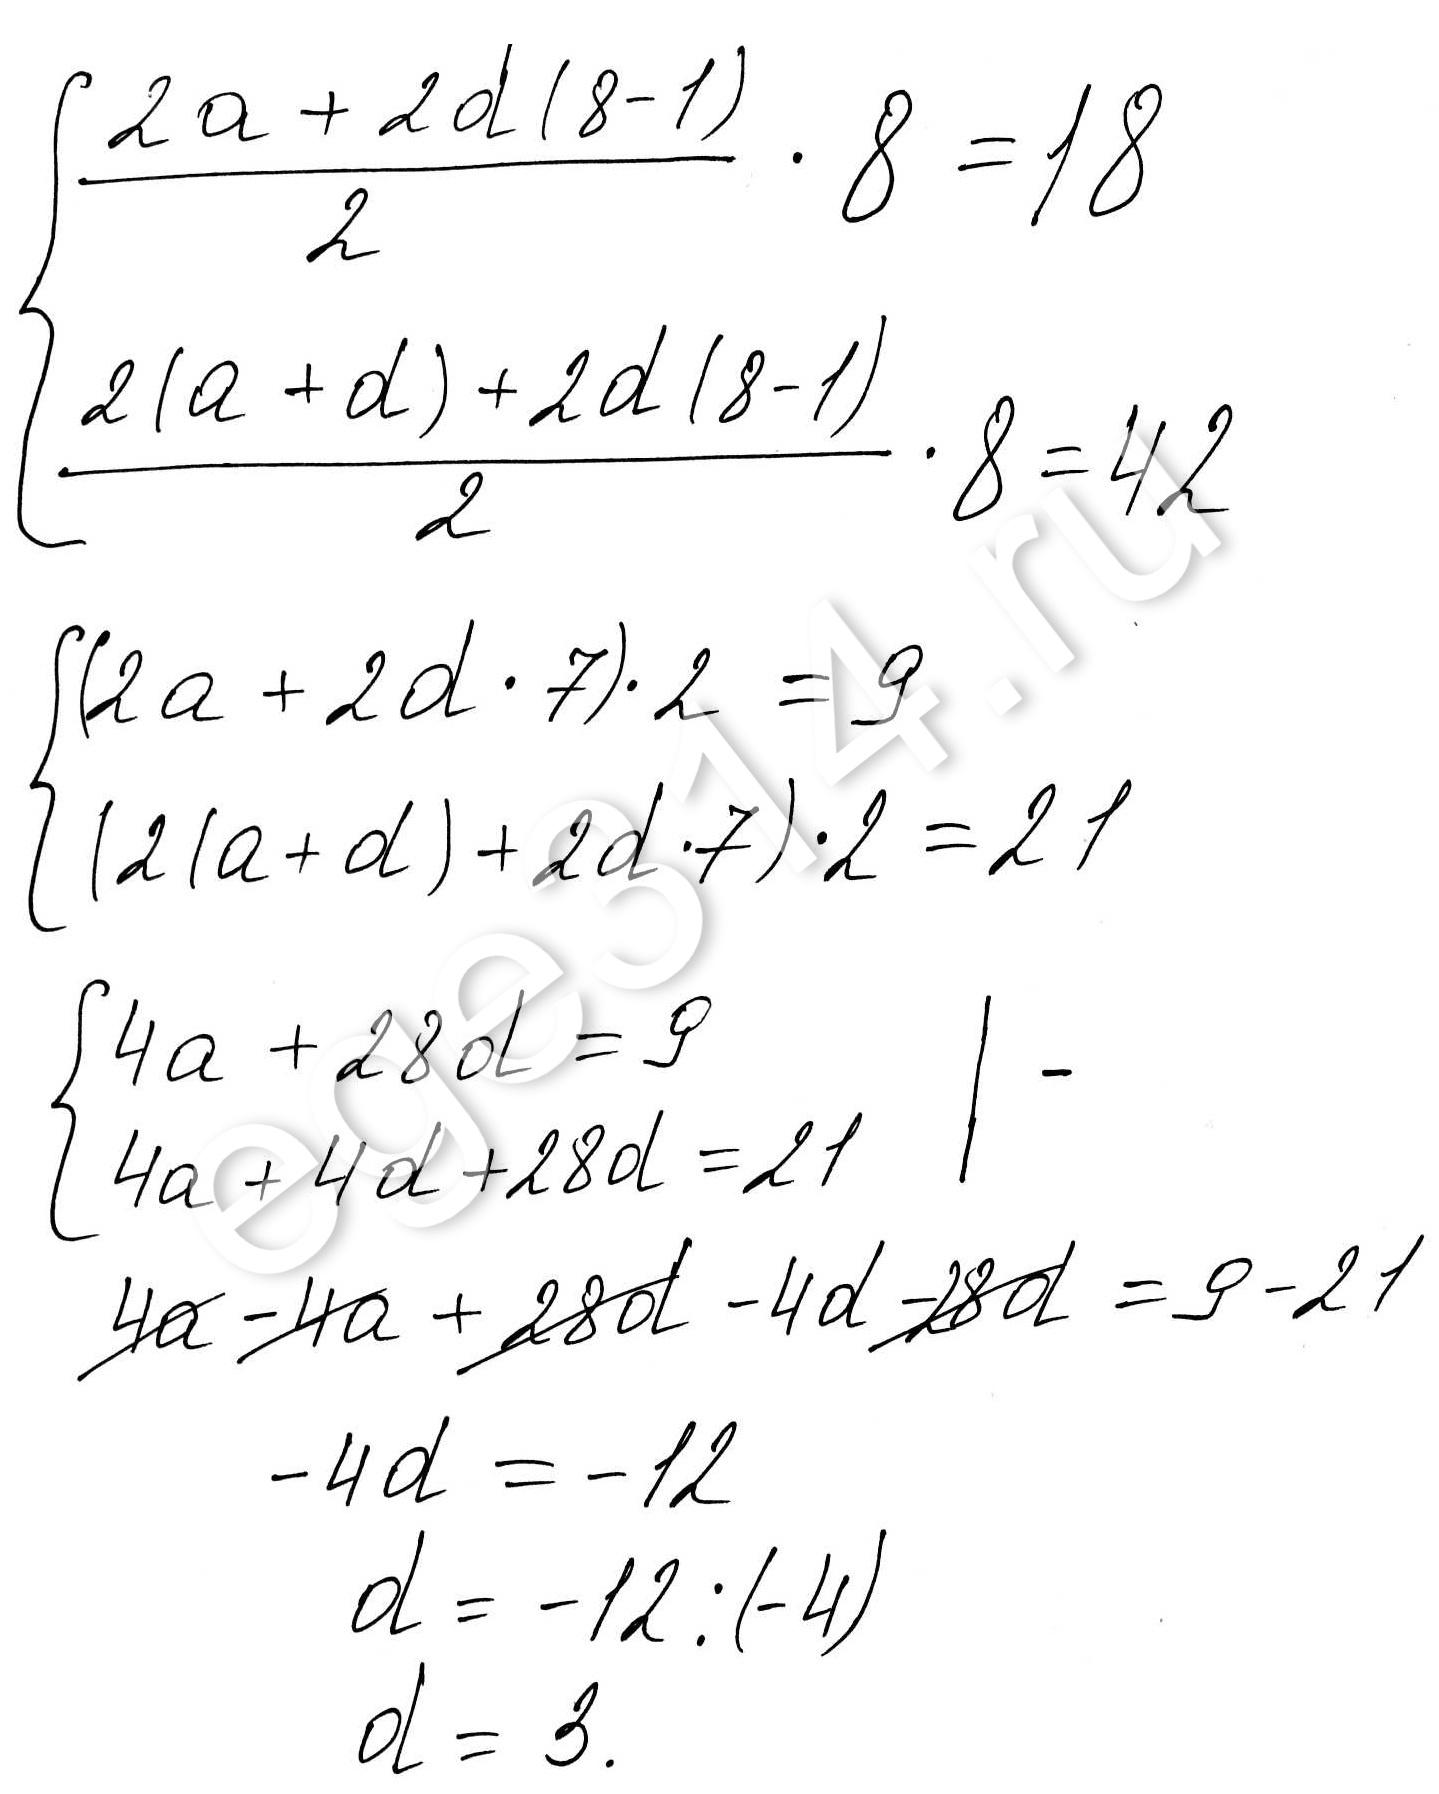 Решение №497 Отрезок арифметической прогрессии содержит 16 членов с номерами от 1 до 16.